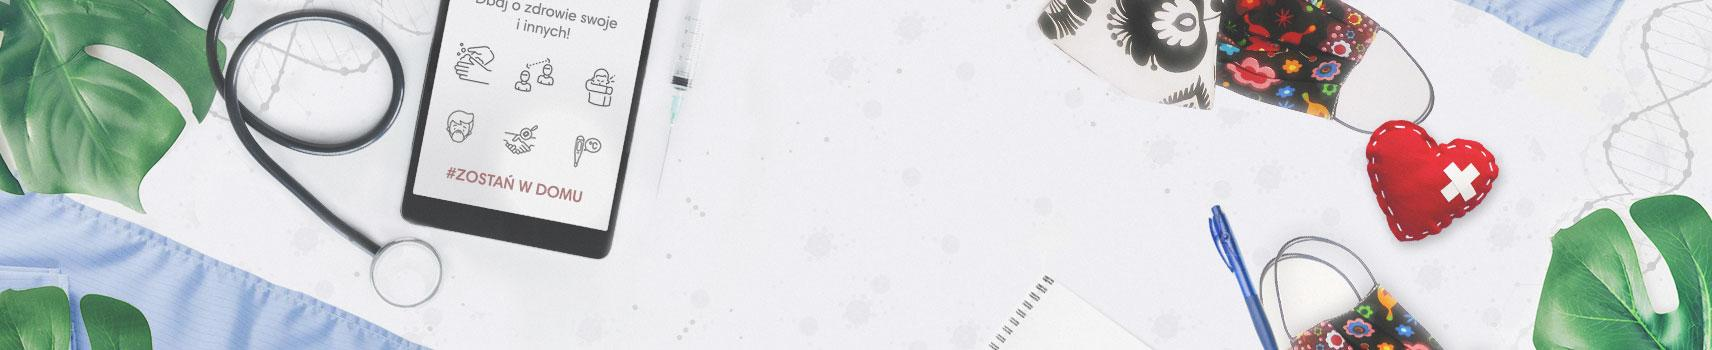 Odzież medyczna damska, kosmetyczna, maski higieniczne - Jullita Fashion Med